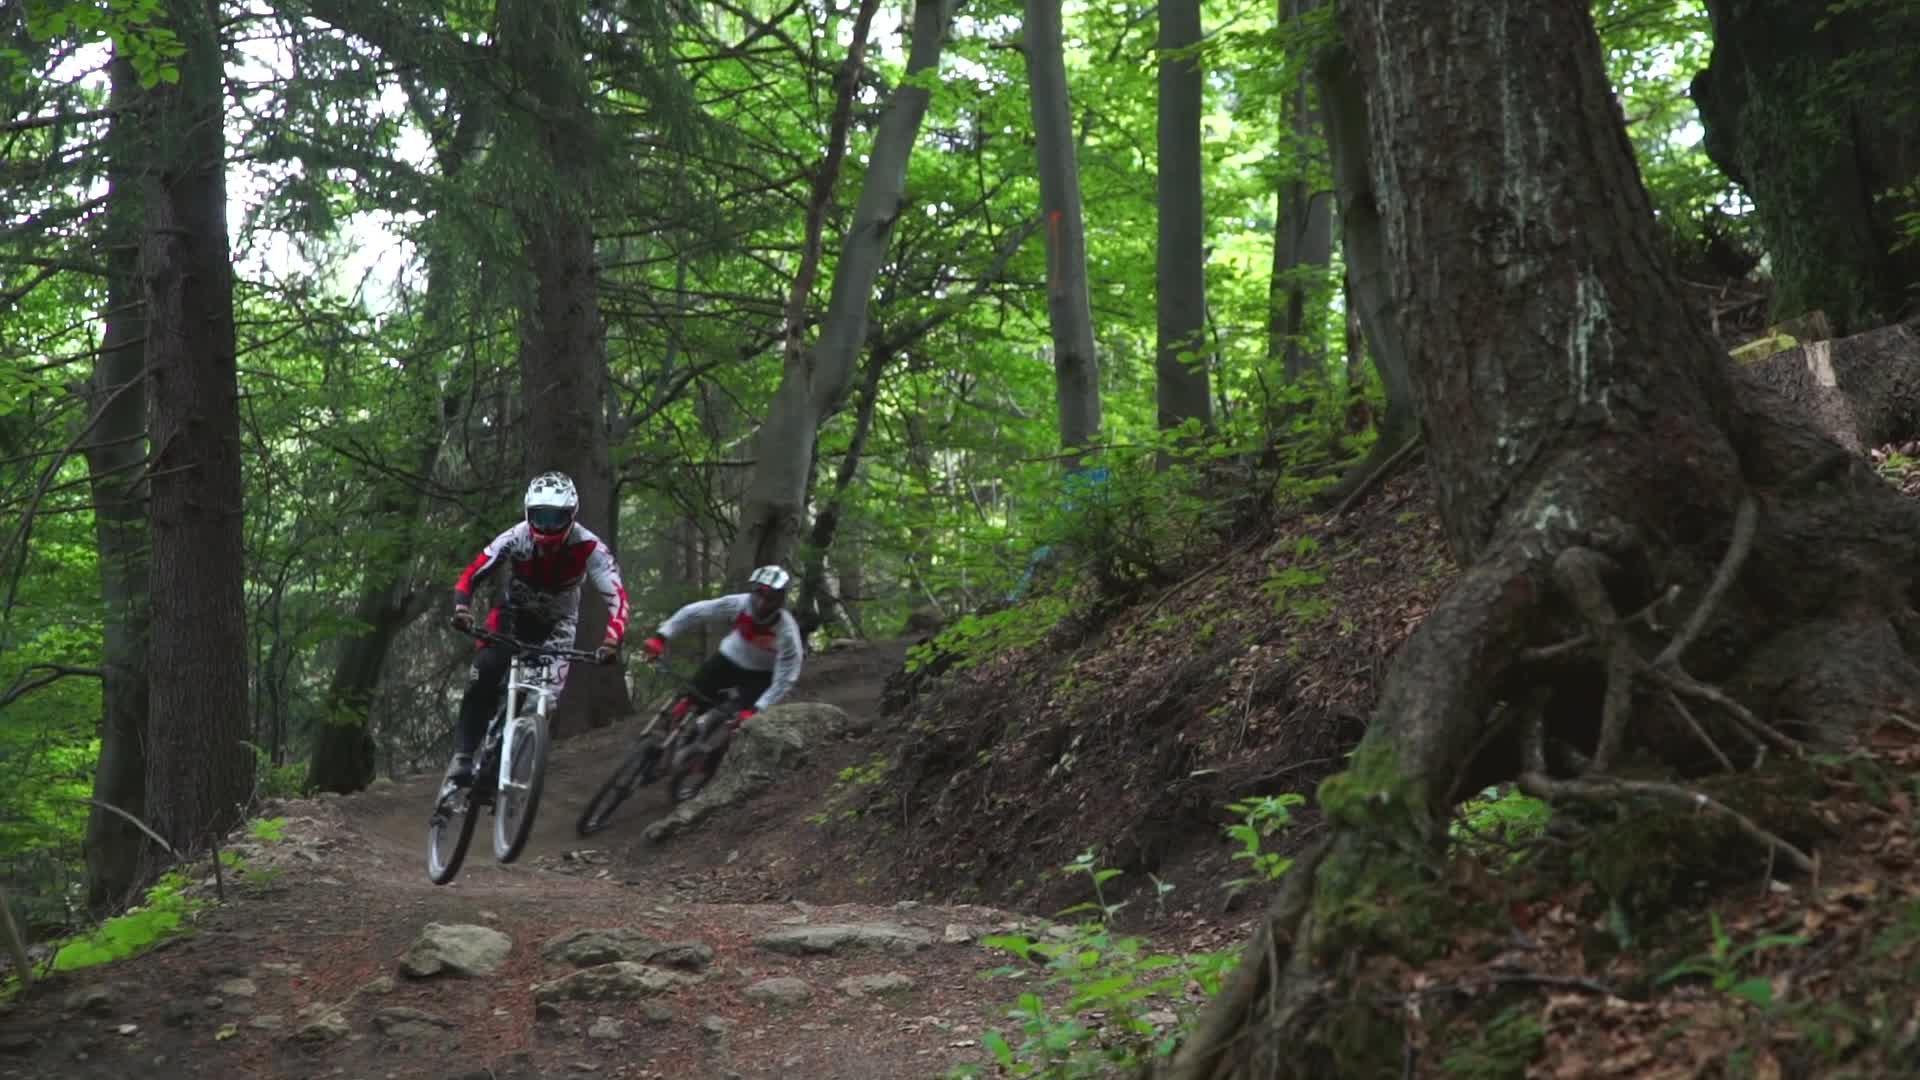 RideThePlanet / Словакия и Австрия. Маунтинбайк